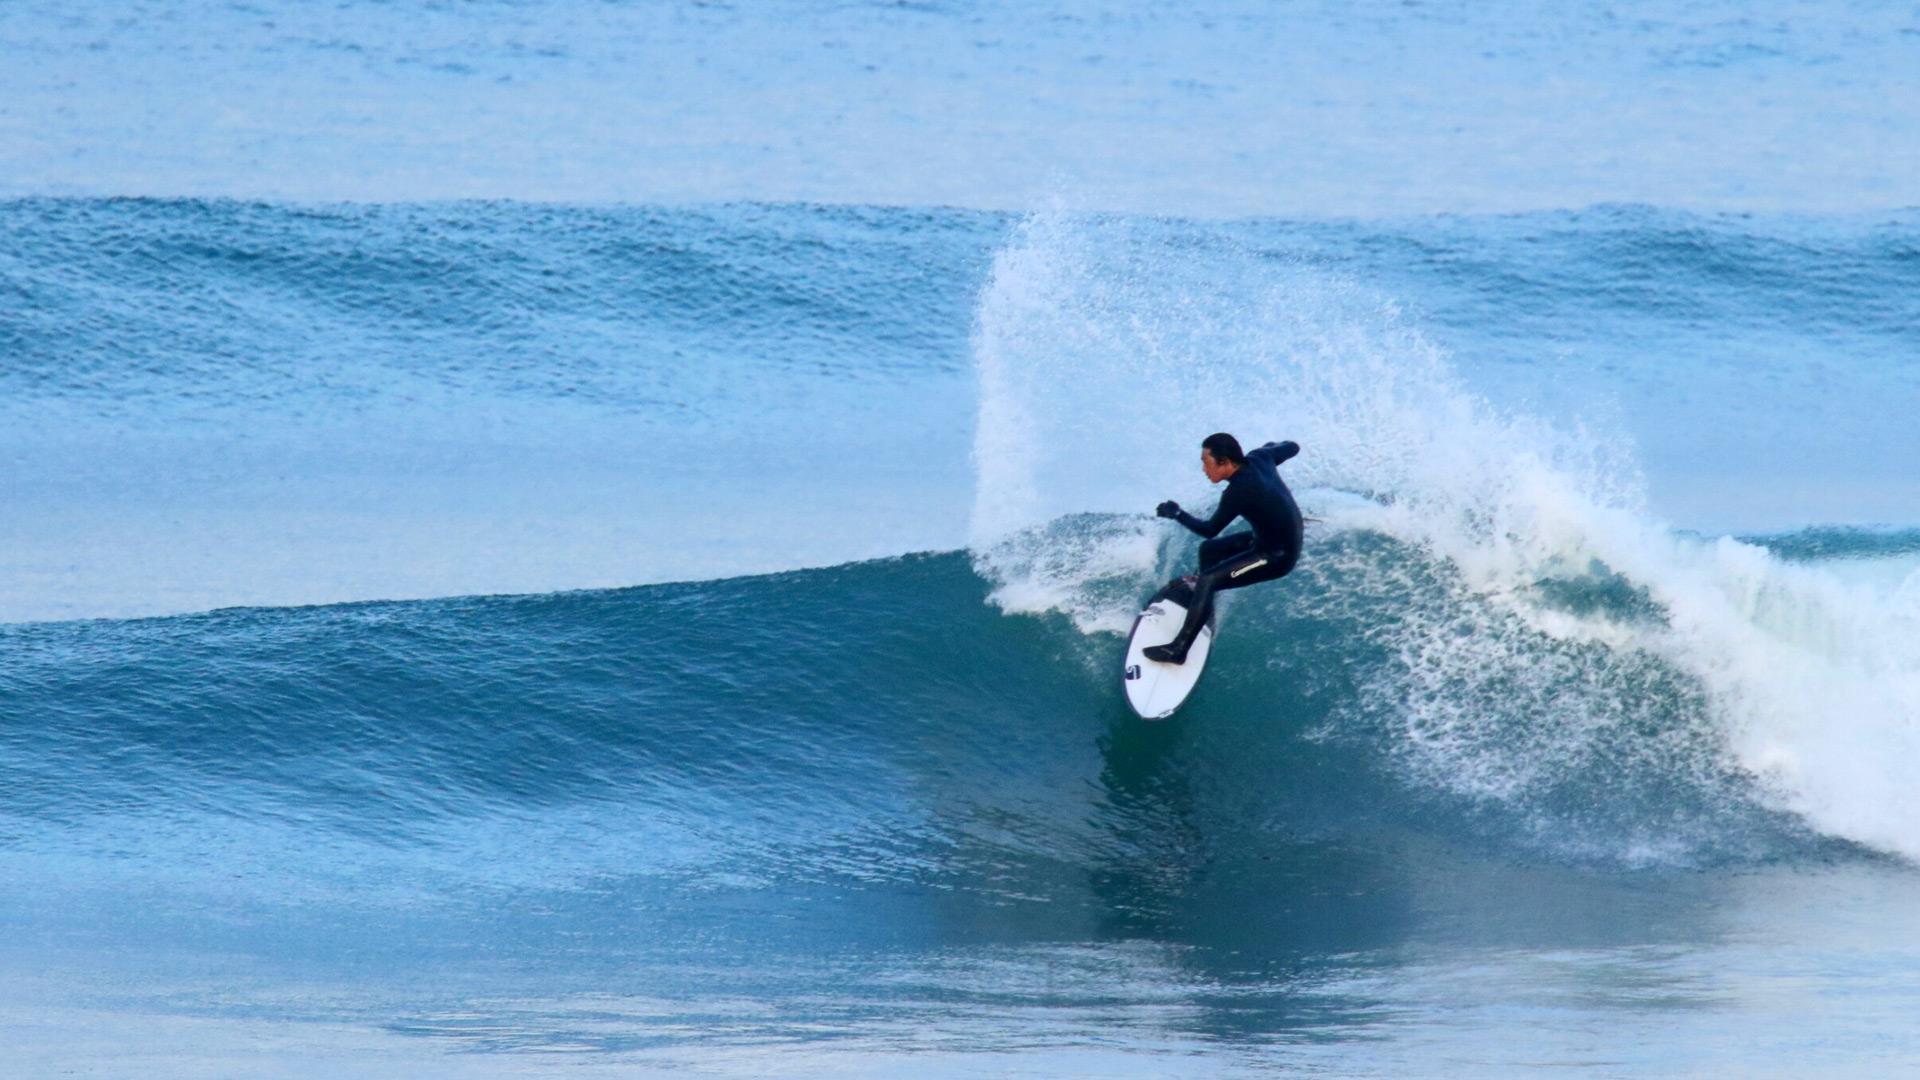 サーフィン画像 壁紙 福島県いわき市のサーフィンスクール Can Doサーフィンスクール 体験 初心者大歓迎